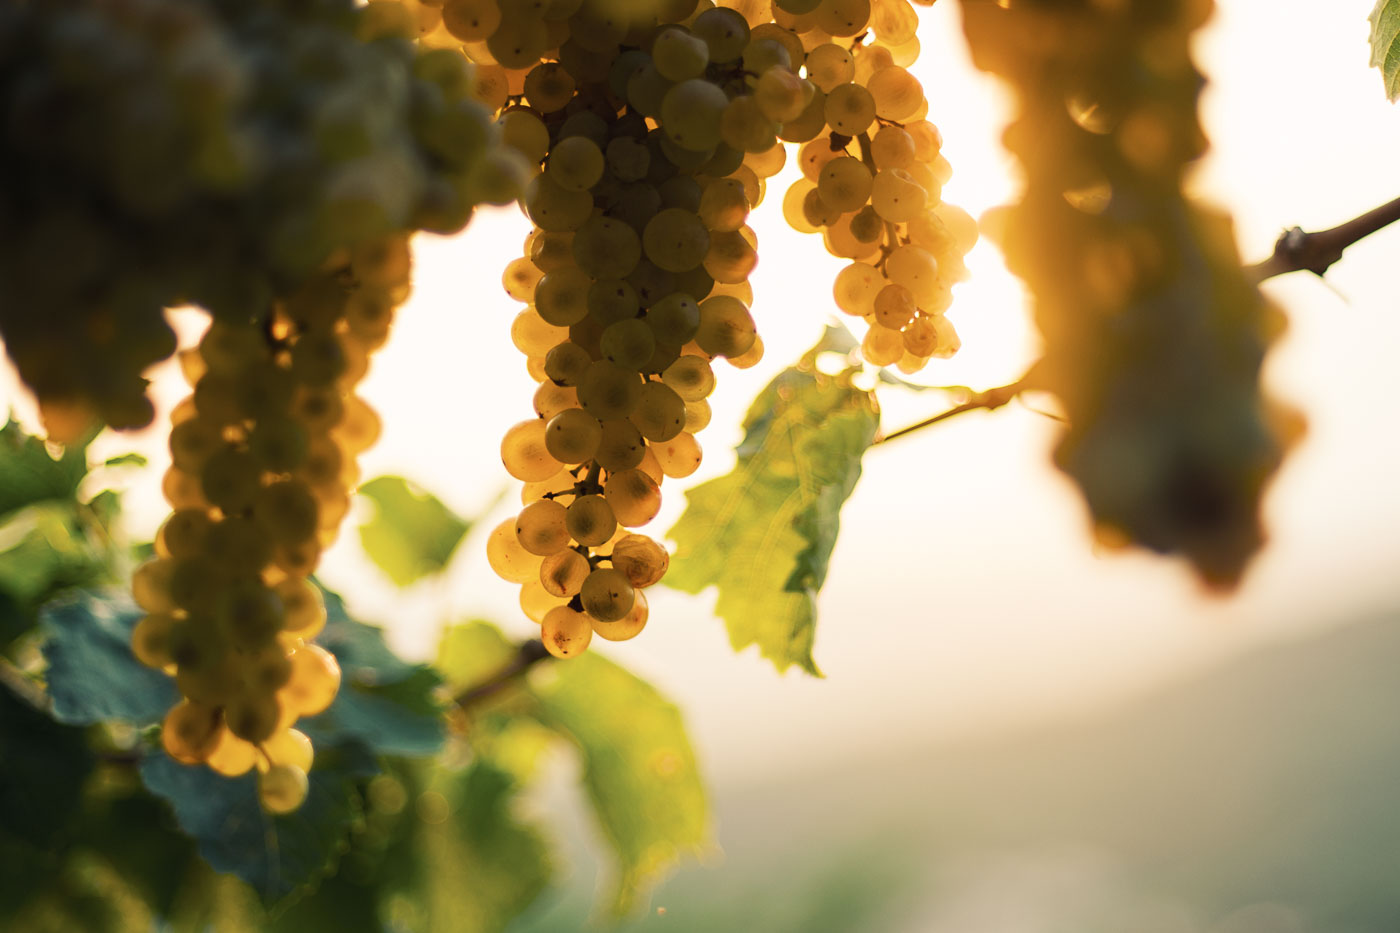 vendemmia-naturale-vino-uva-gambellara-garganega-maule-sauro-fotografo-rui-_RUI2796_p_Lr_web